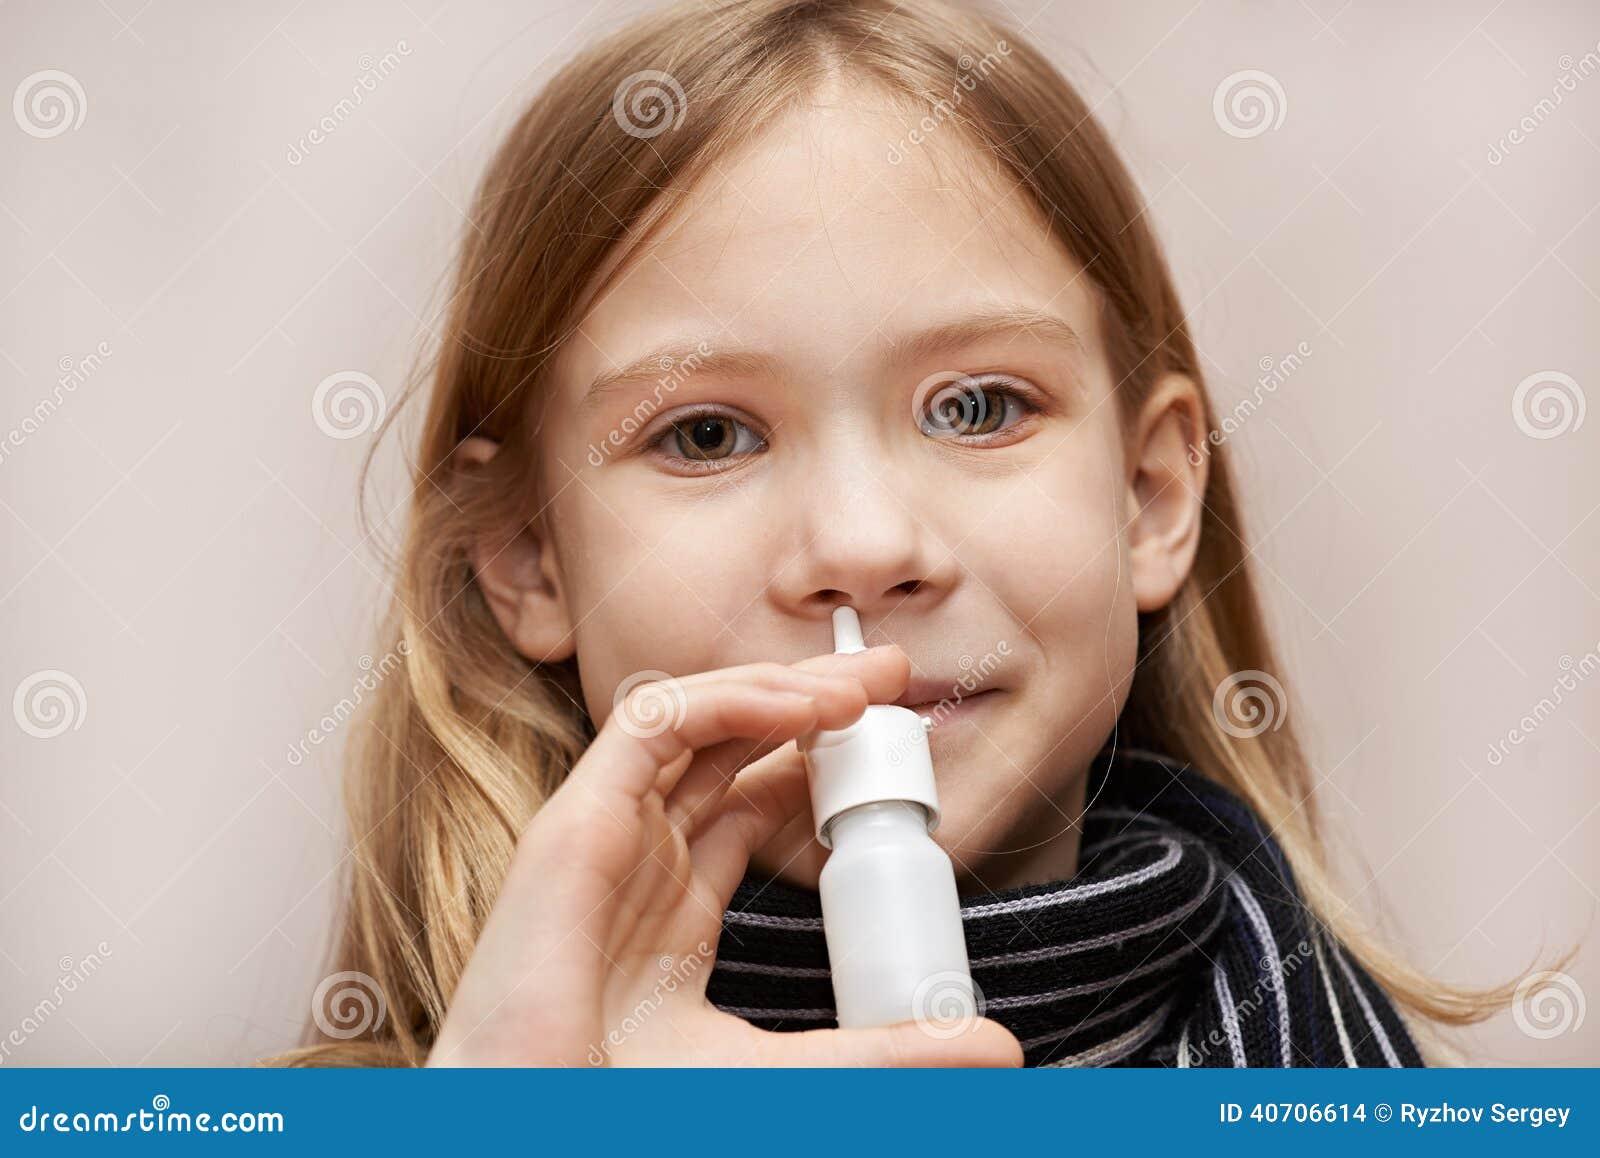 Bambina che usando le gocce nasali